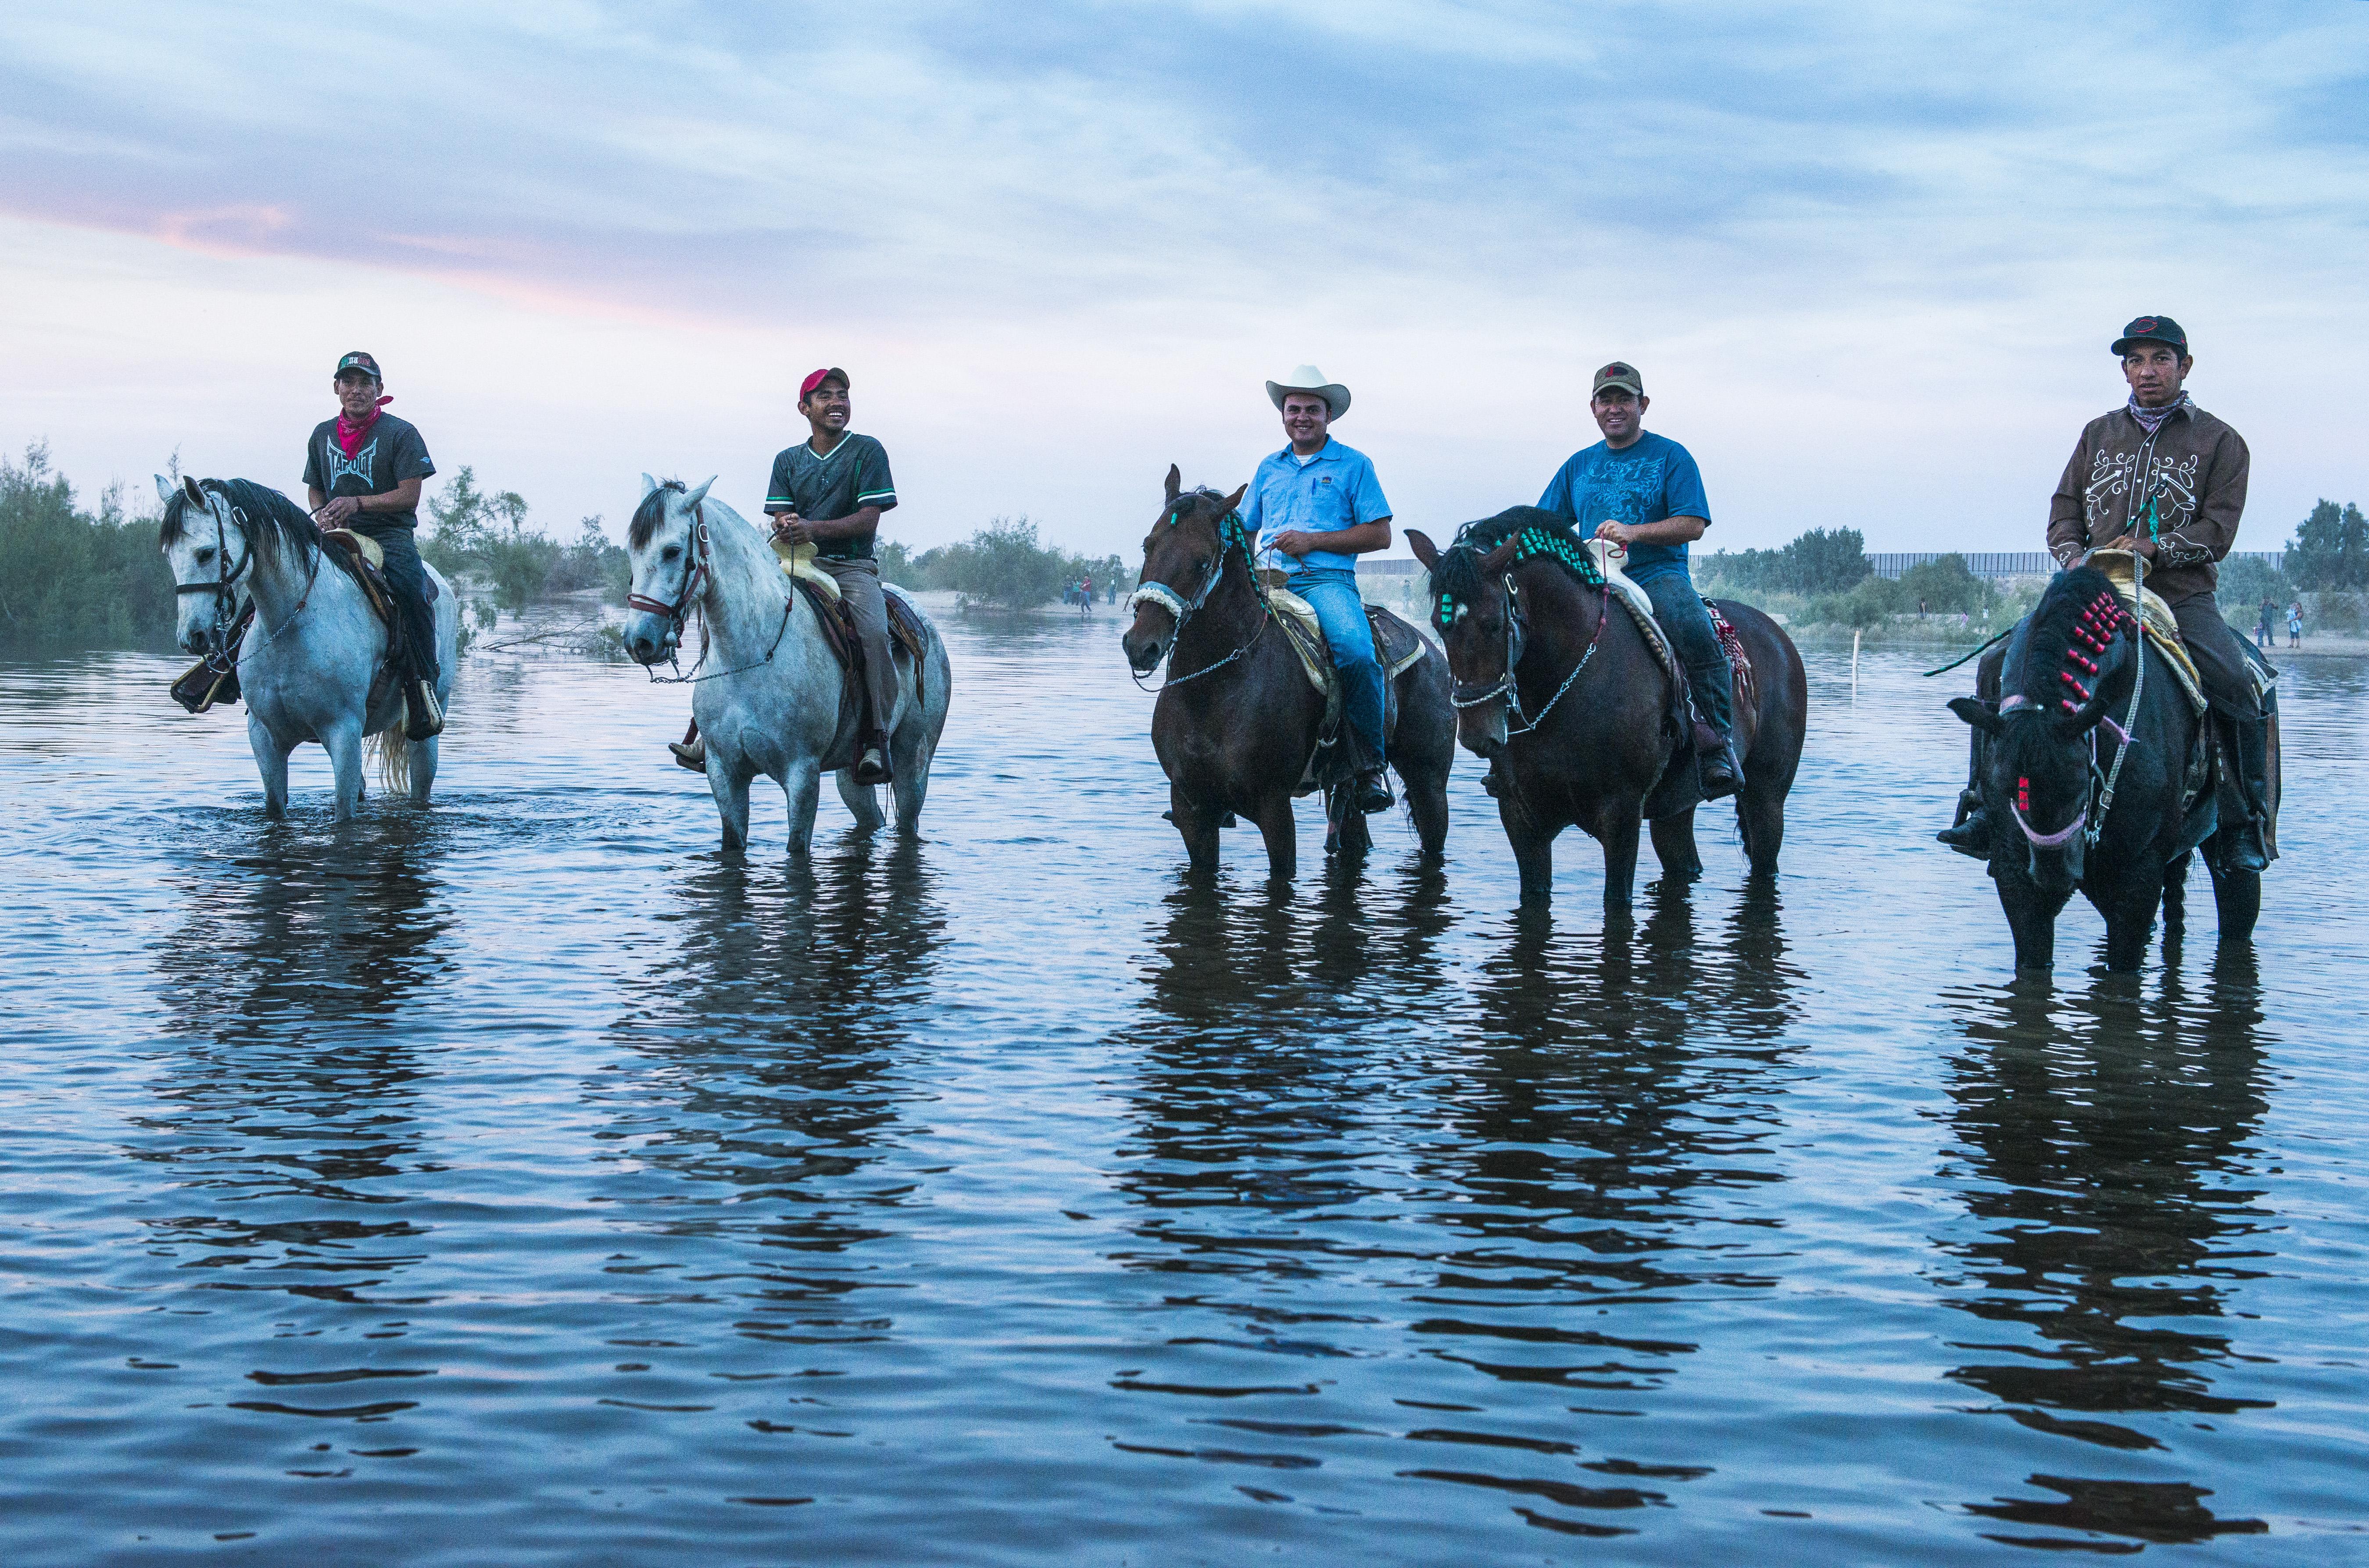 Photo: Colorado River reaches the ocean - Mexican cowboys Pete McBride